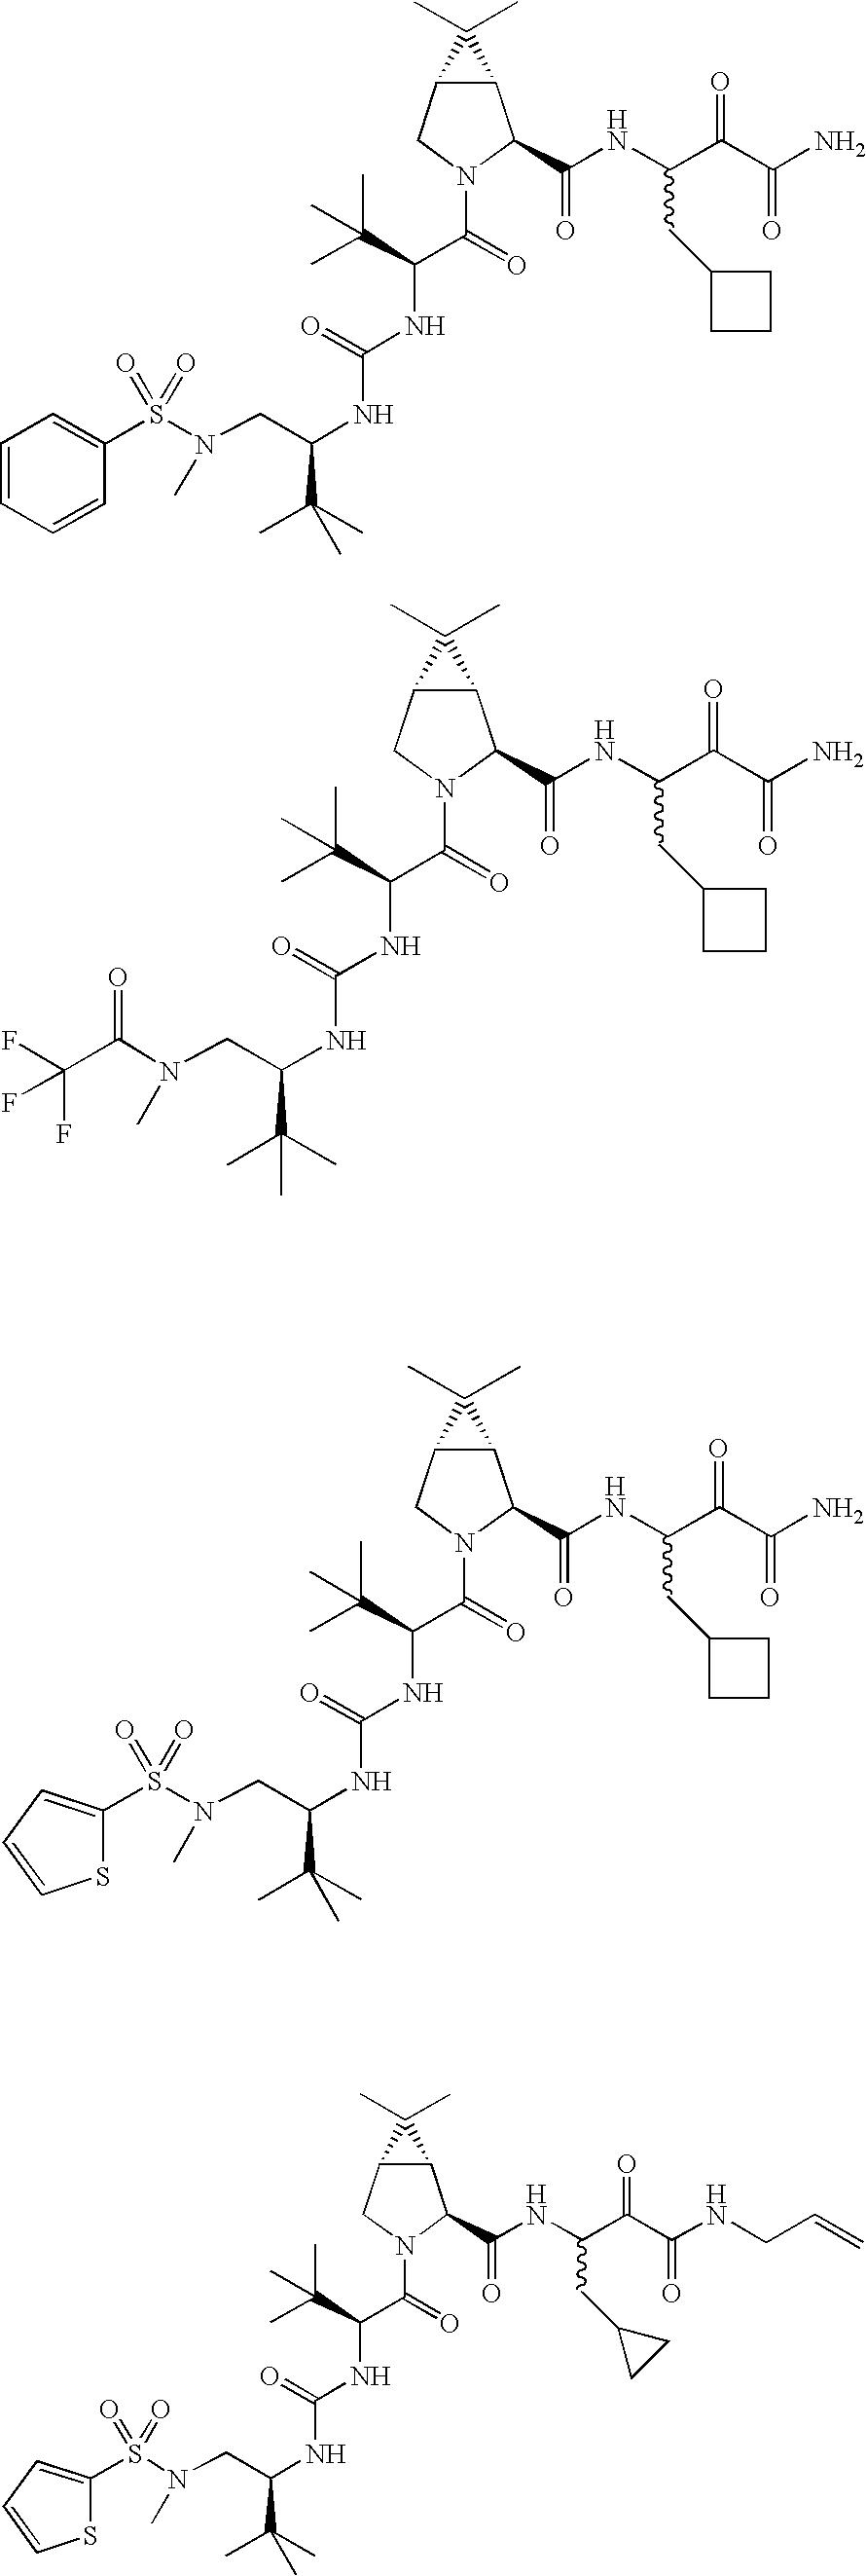 Figure US20060287248A1-20061221-C00342